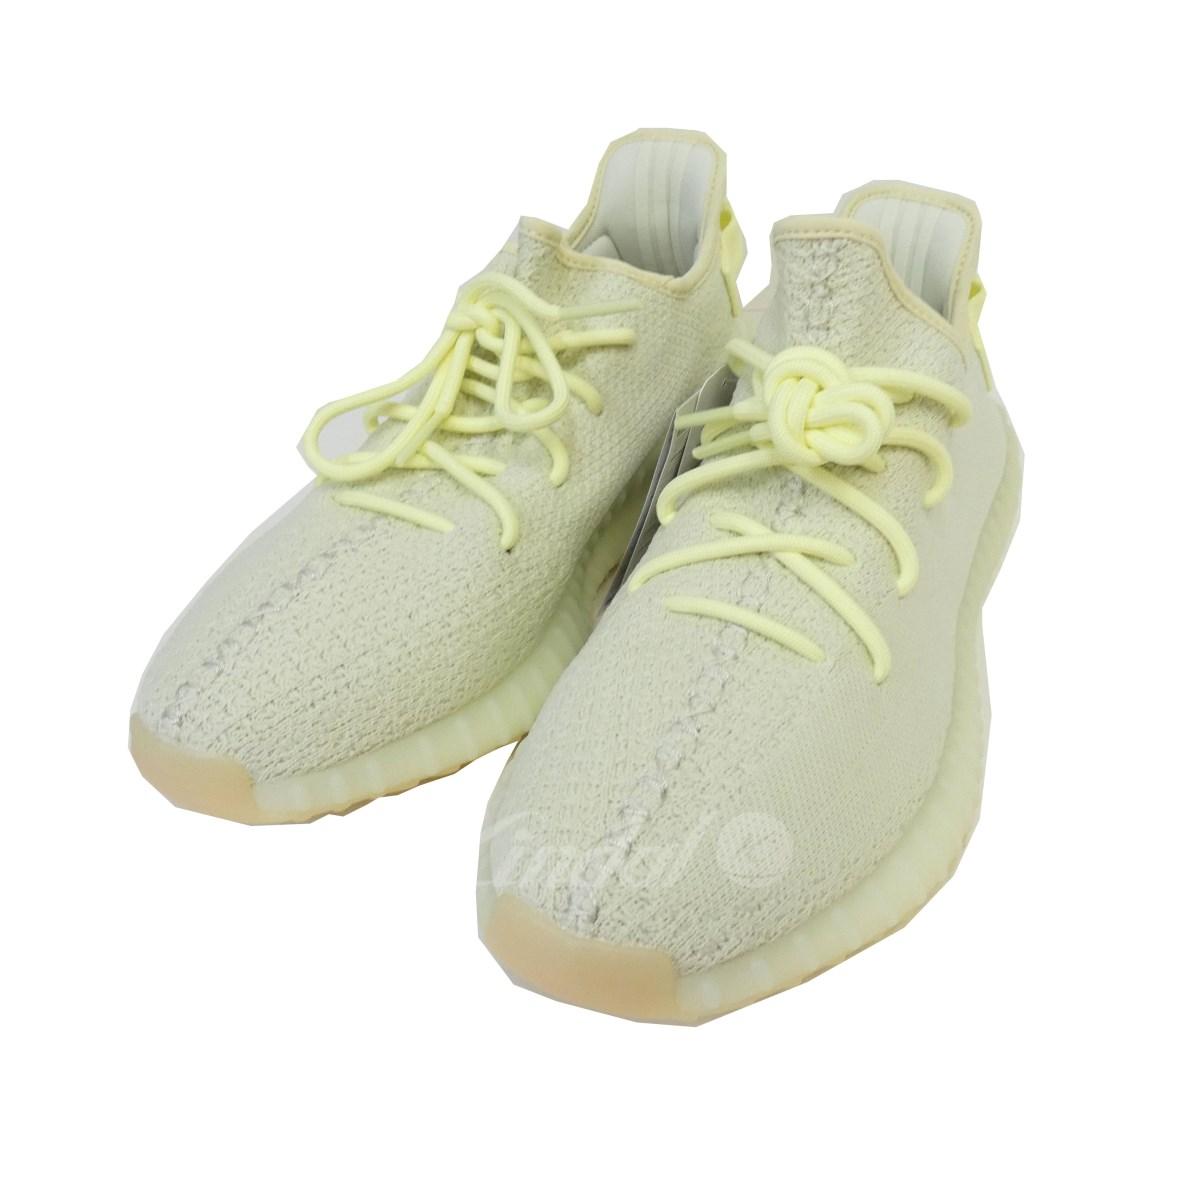 62a47c8e548f2 adidas originais by Kanye West